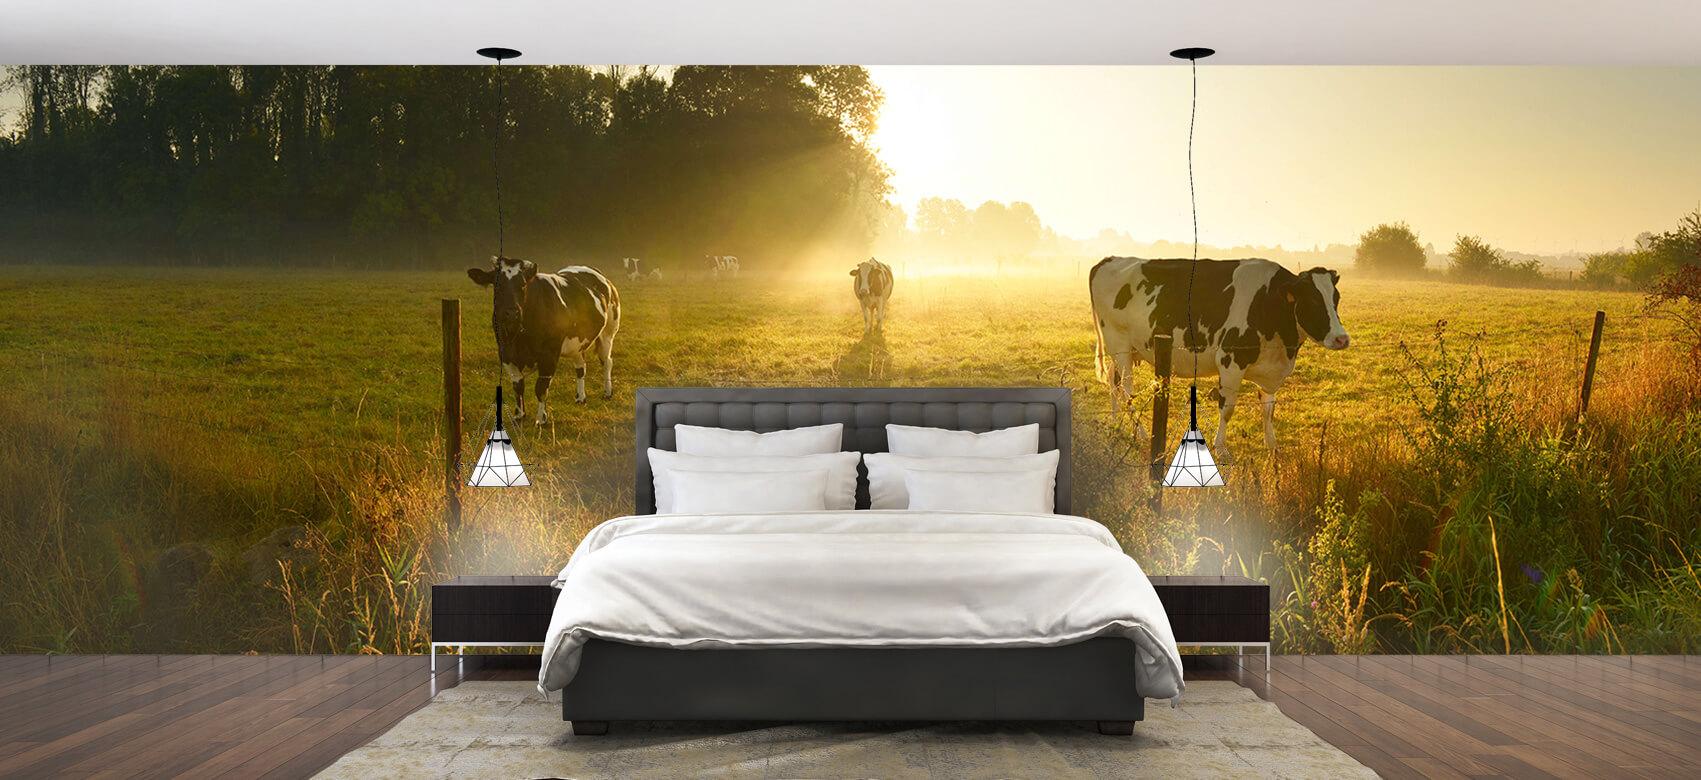 Dieren Koe tijdens zonsopkomst 1